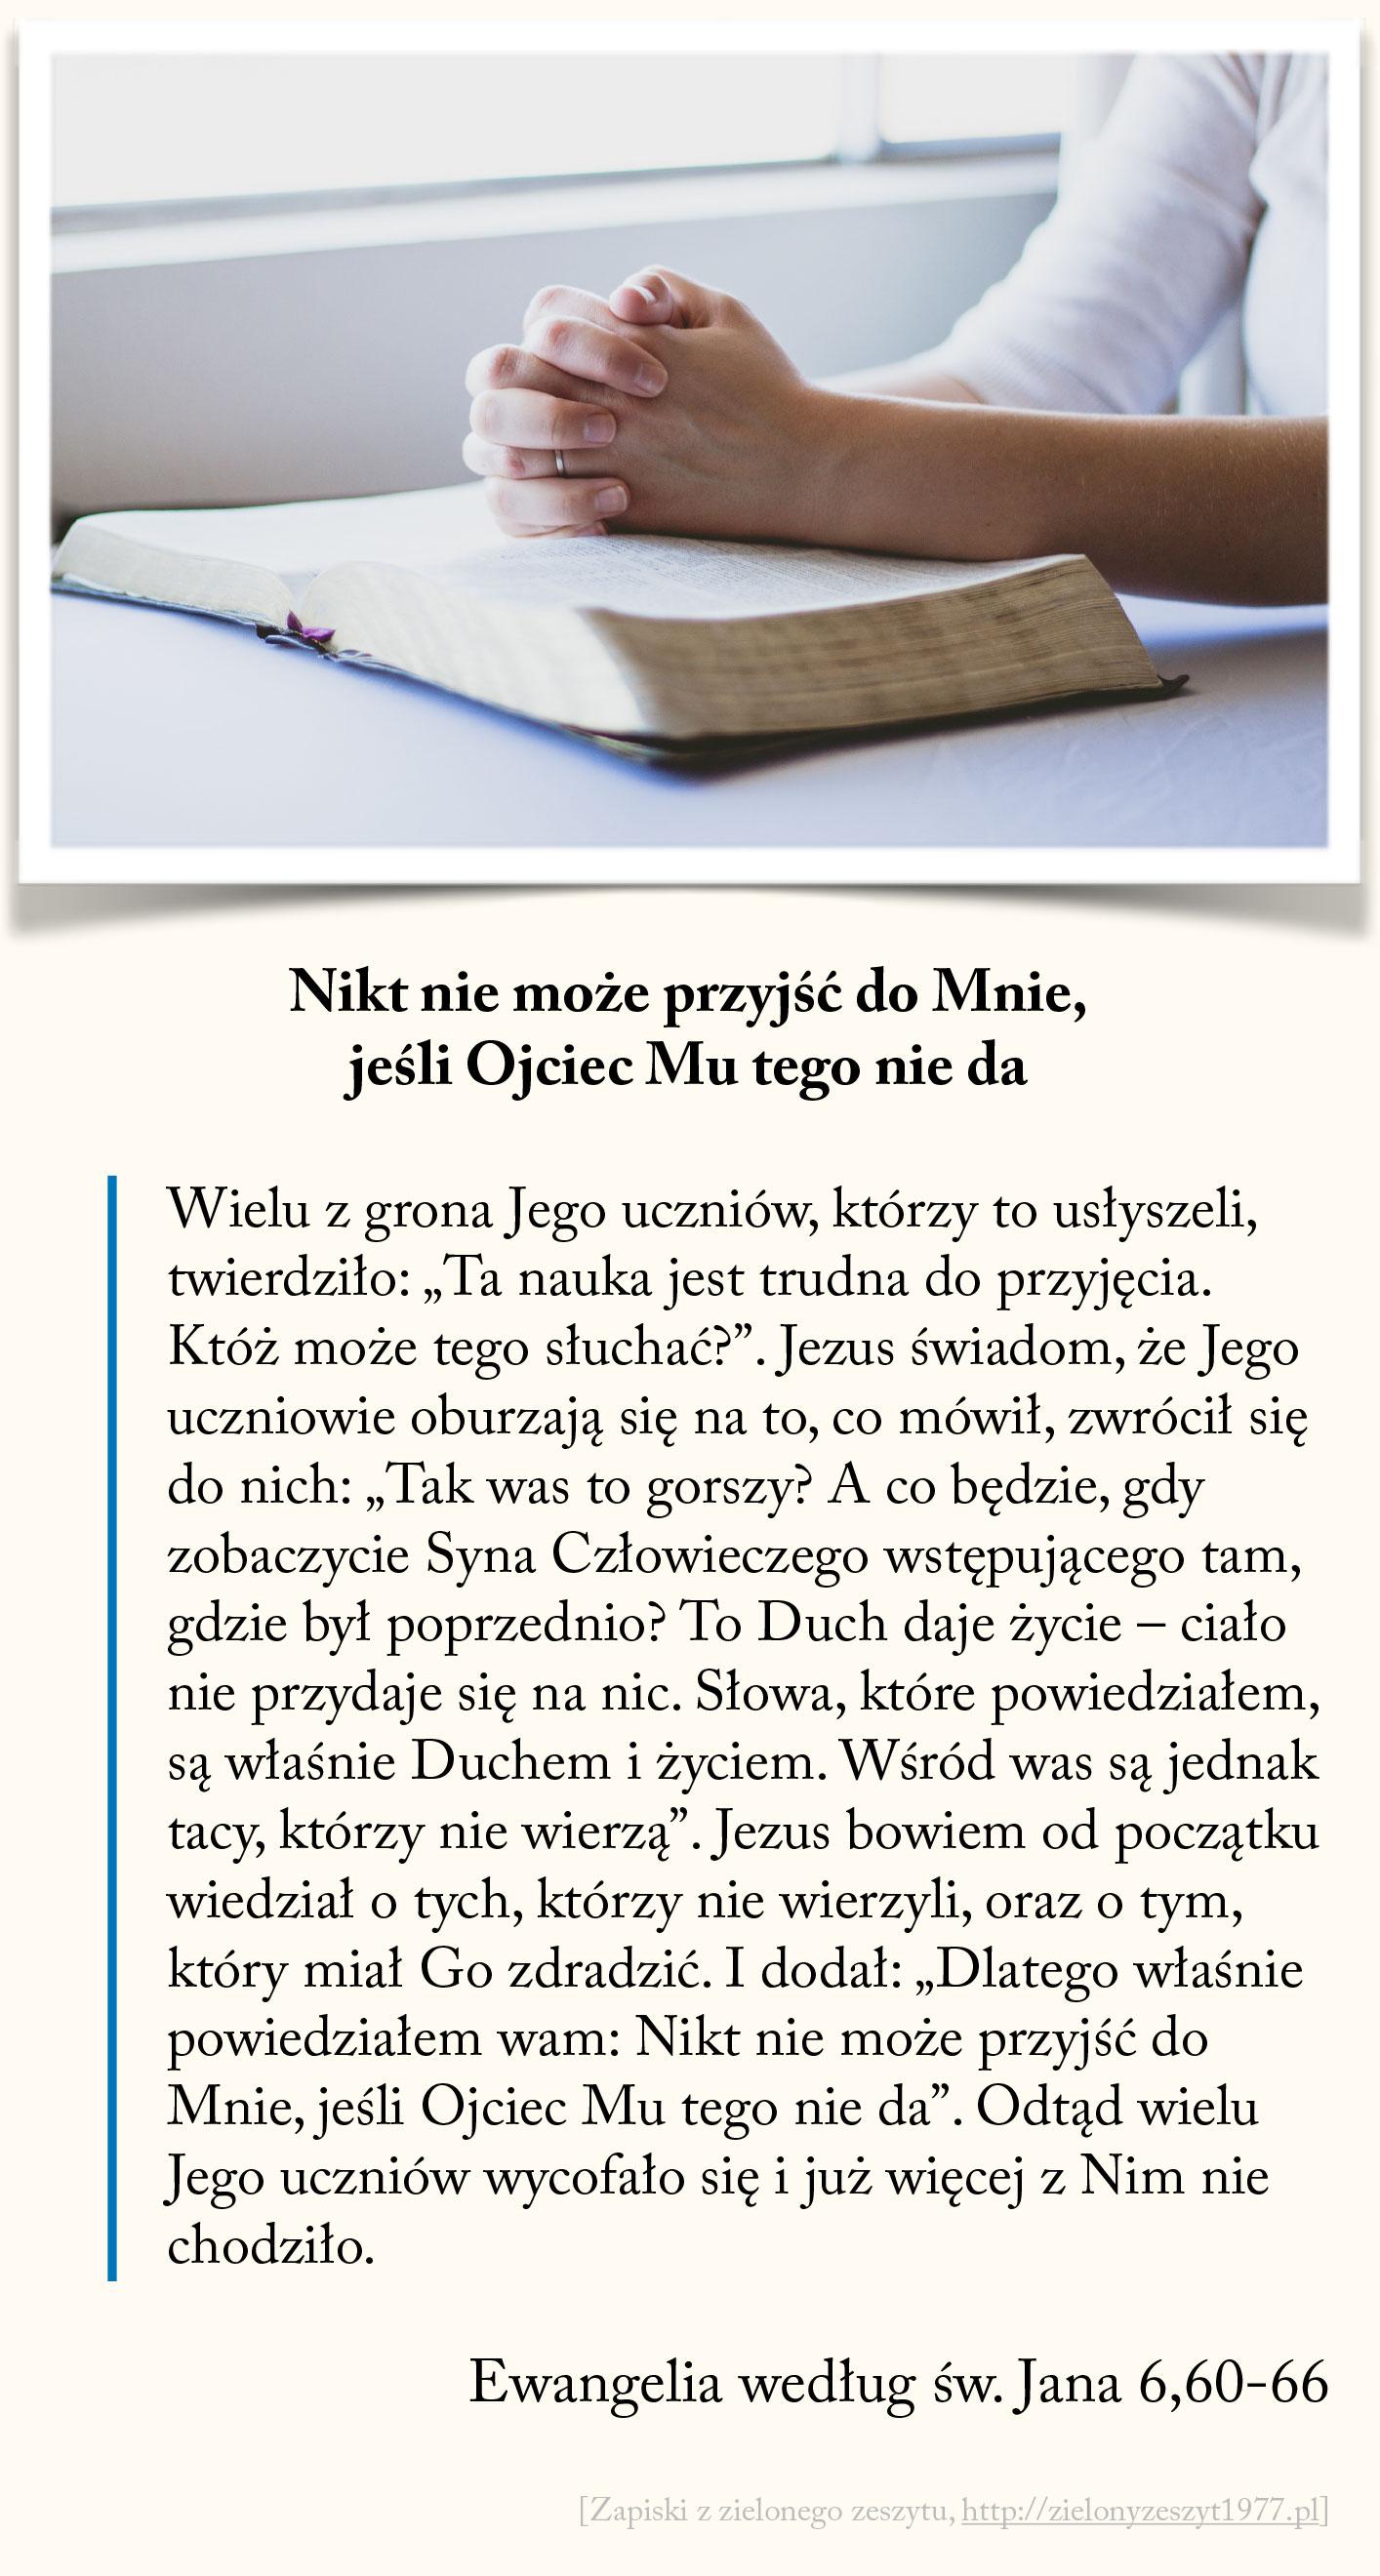 Nikt nie może przyjść do Mnie jeśli Ojciec Mu tego nie da, Ewangelia wg św. Jana